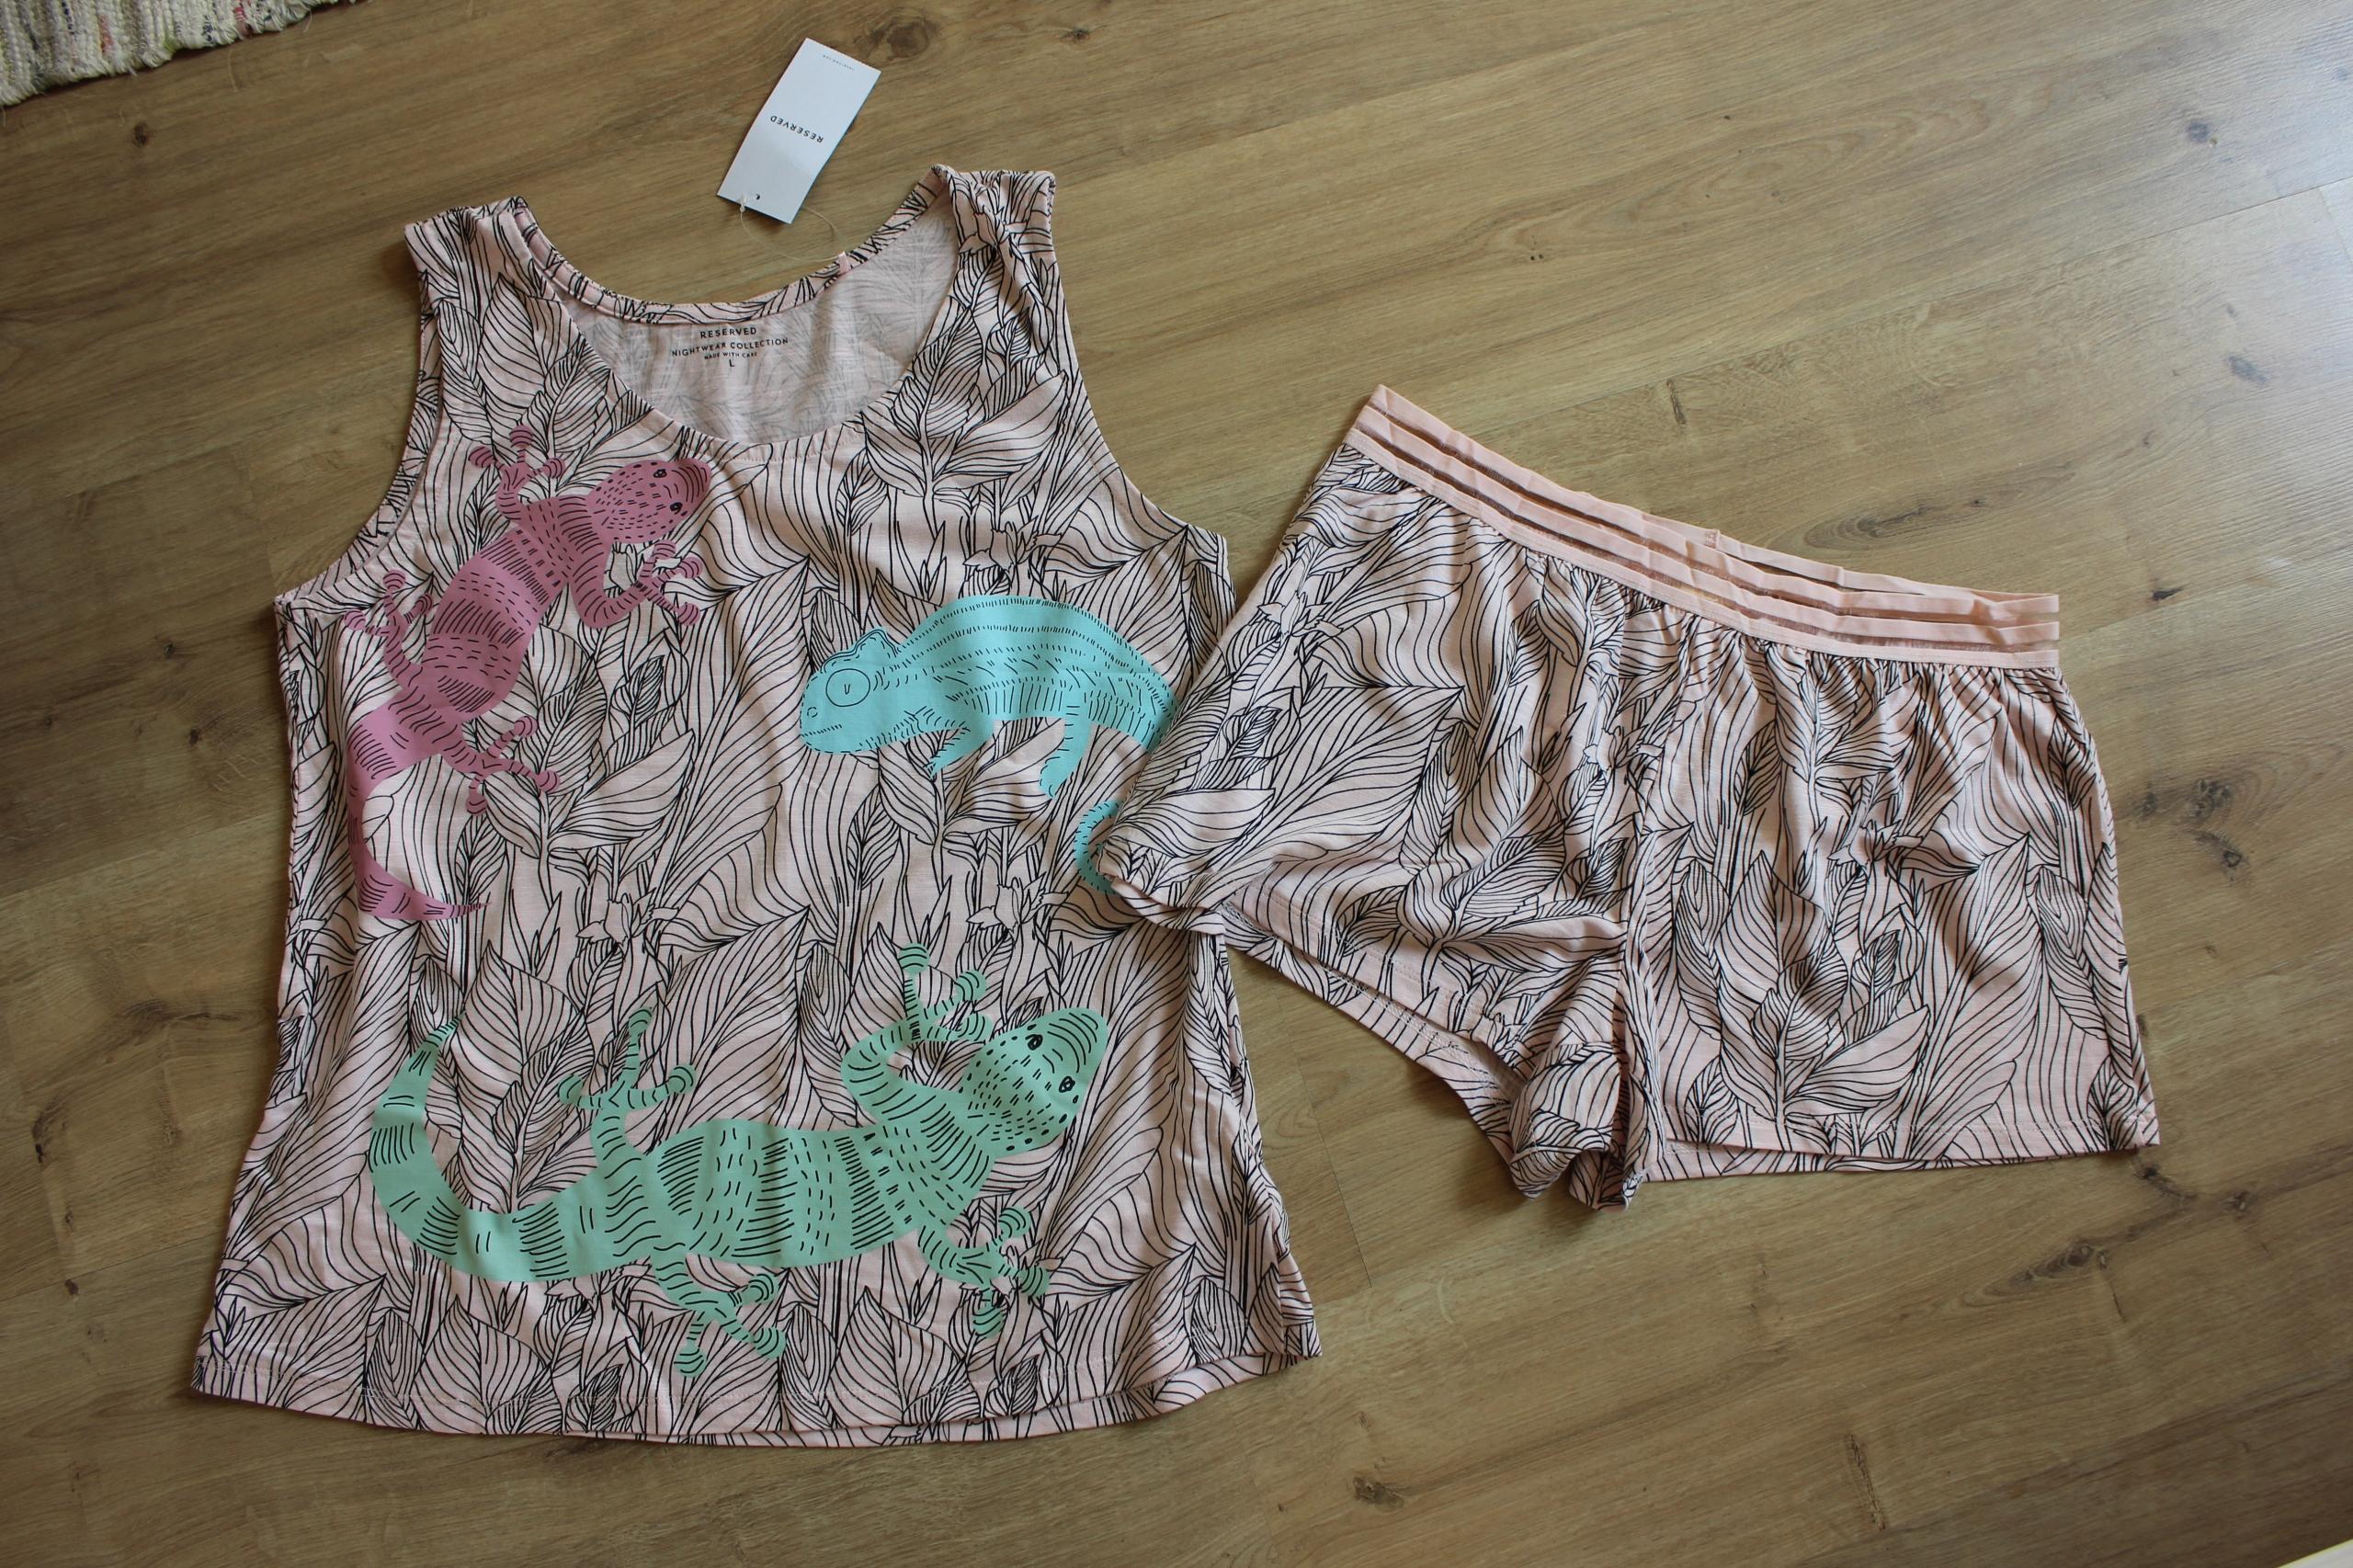 Piżama damska Reserved L, 40, Nowa